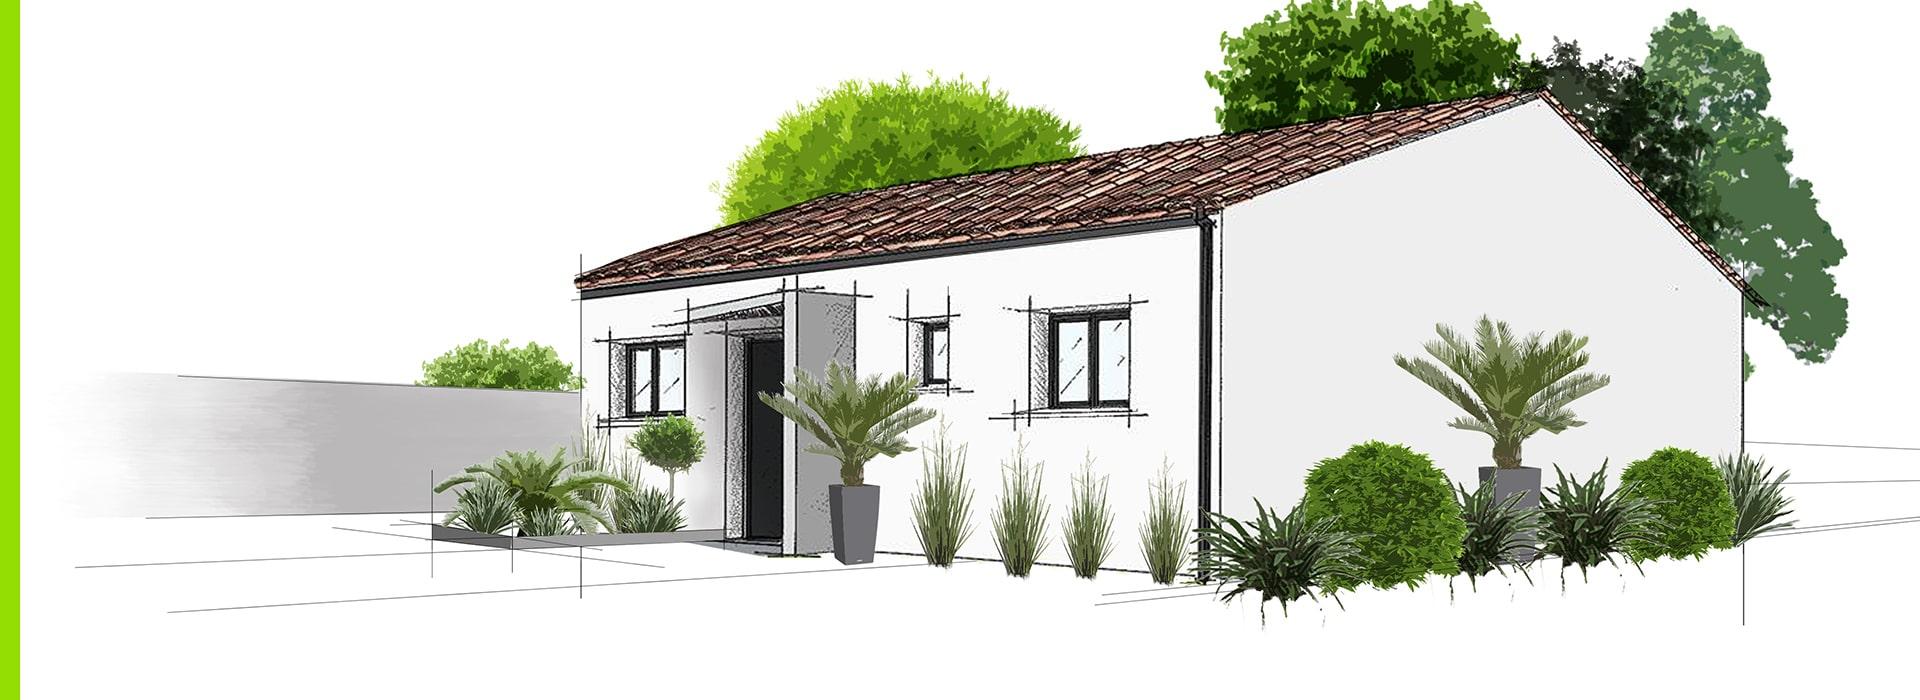 La maison V1